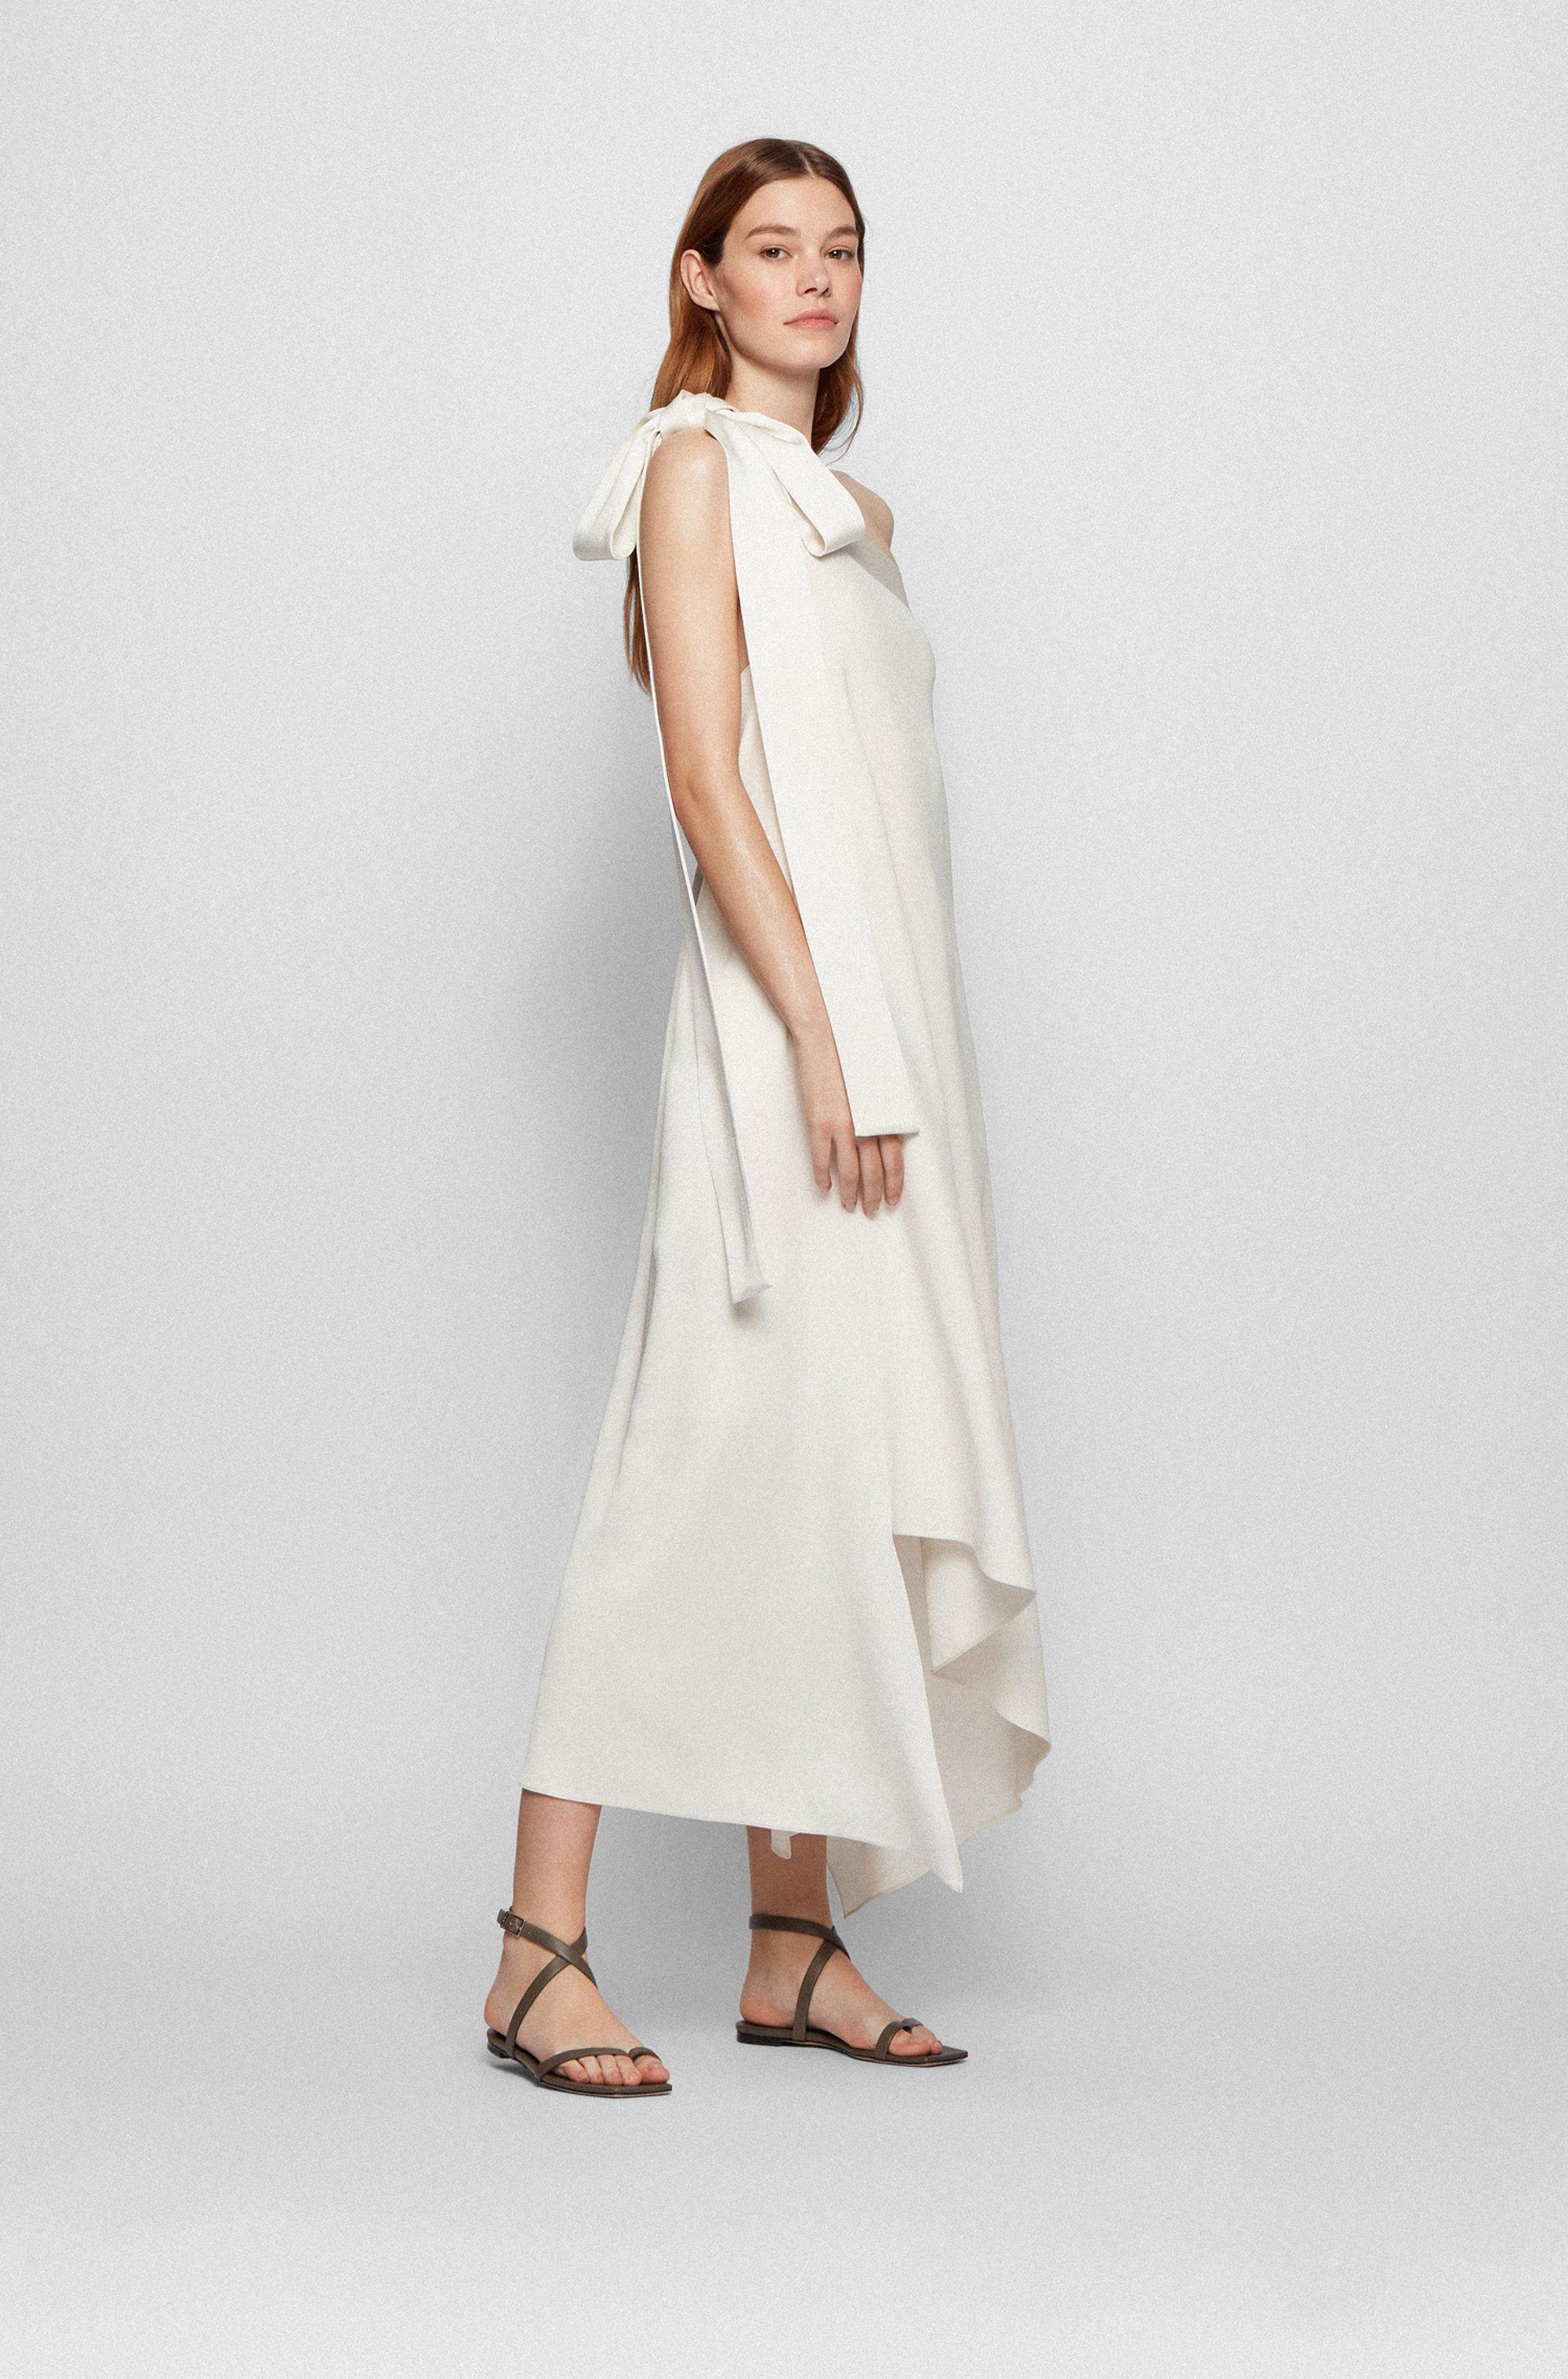 Robe longue en crêpe froissé avec épaules asymétriques et lien à nouer au dos